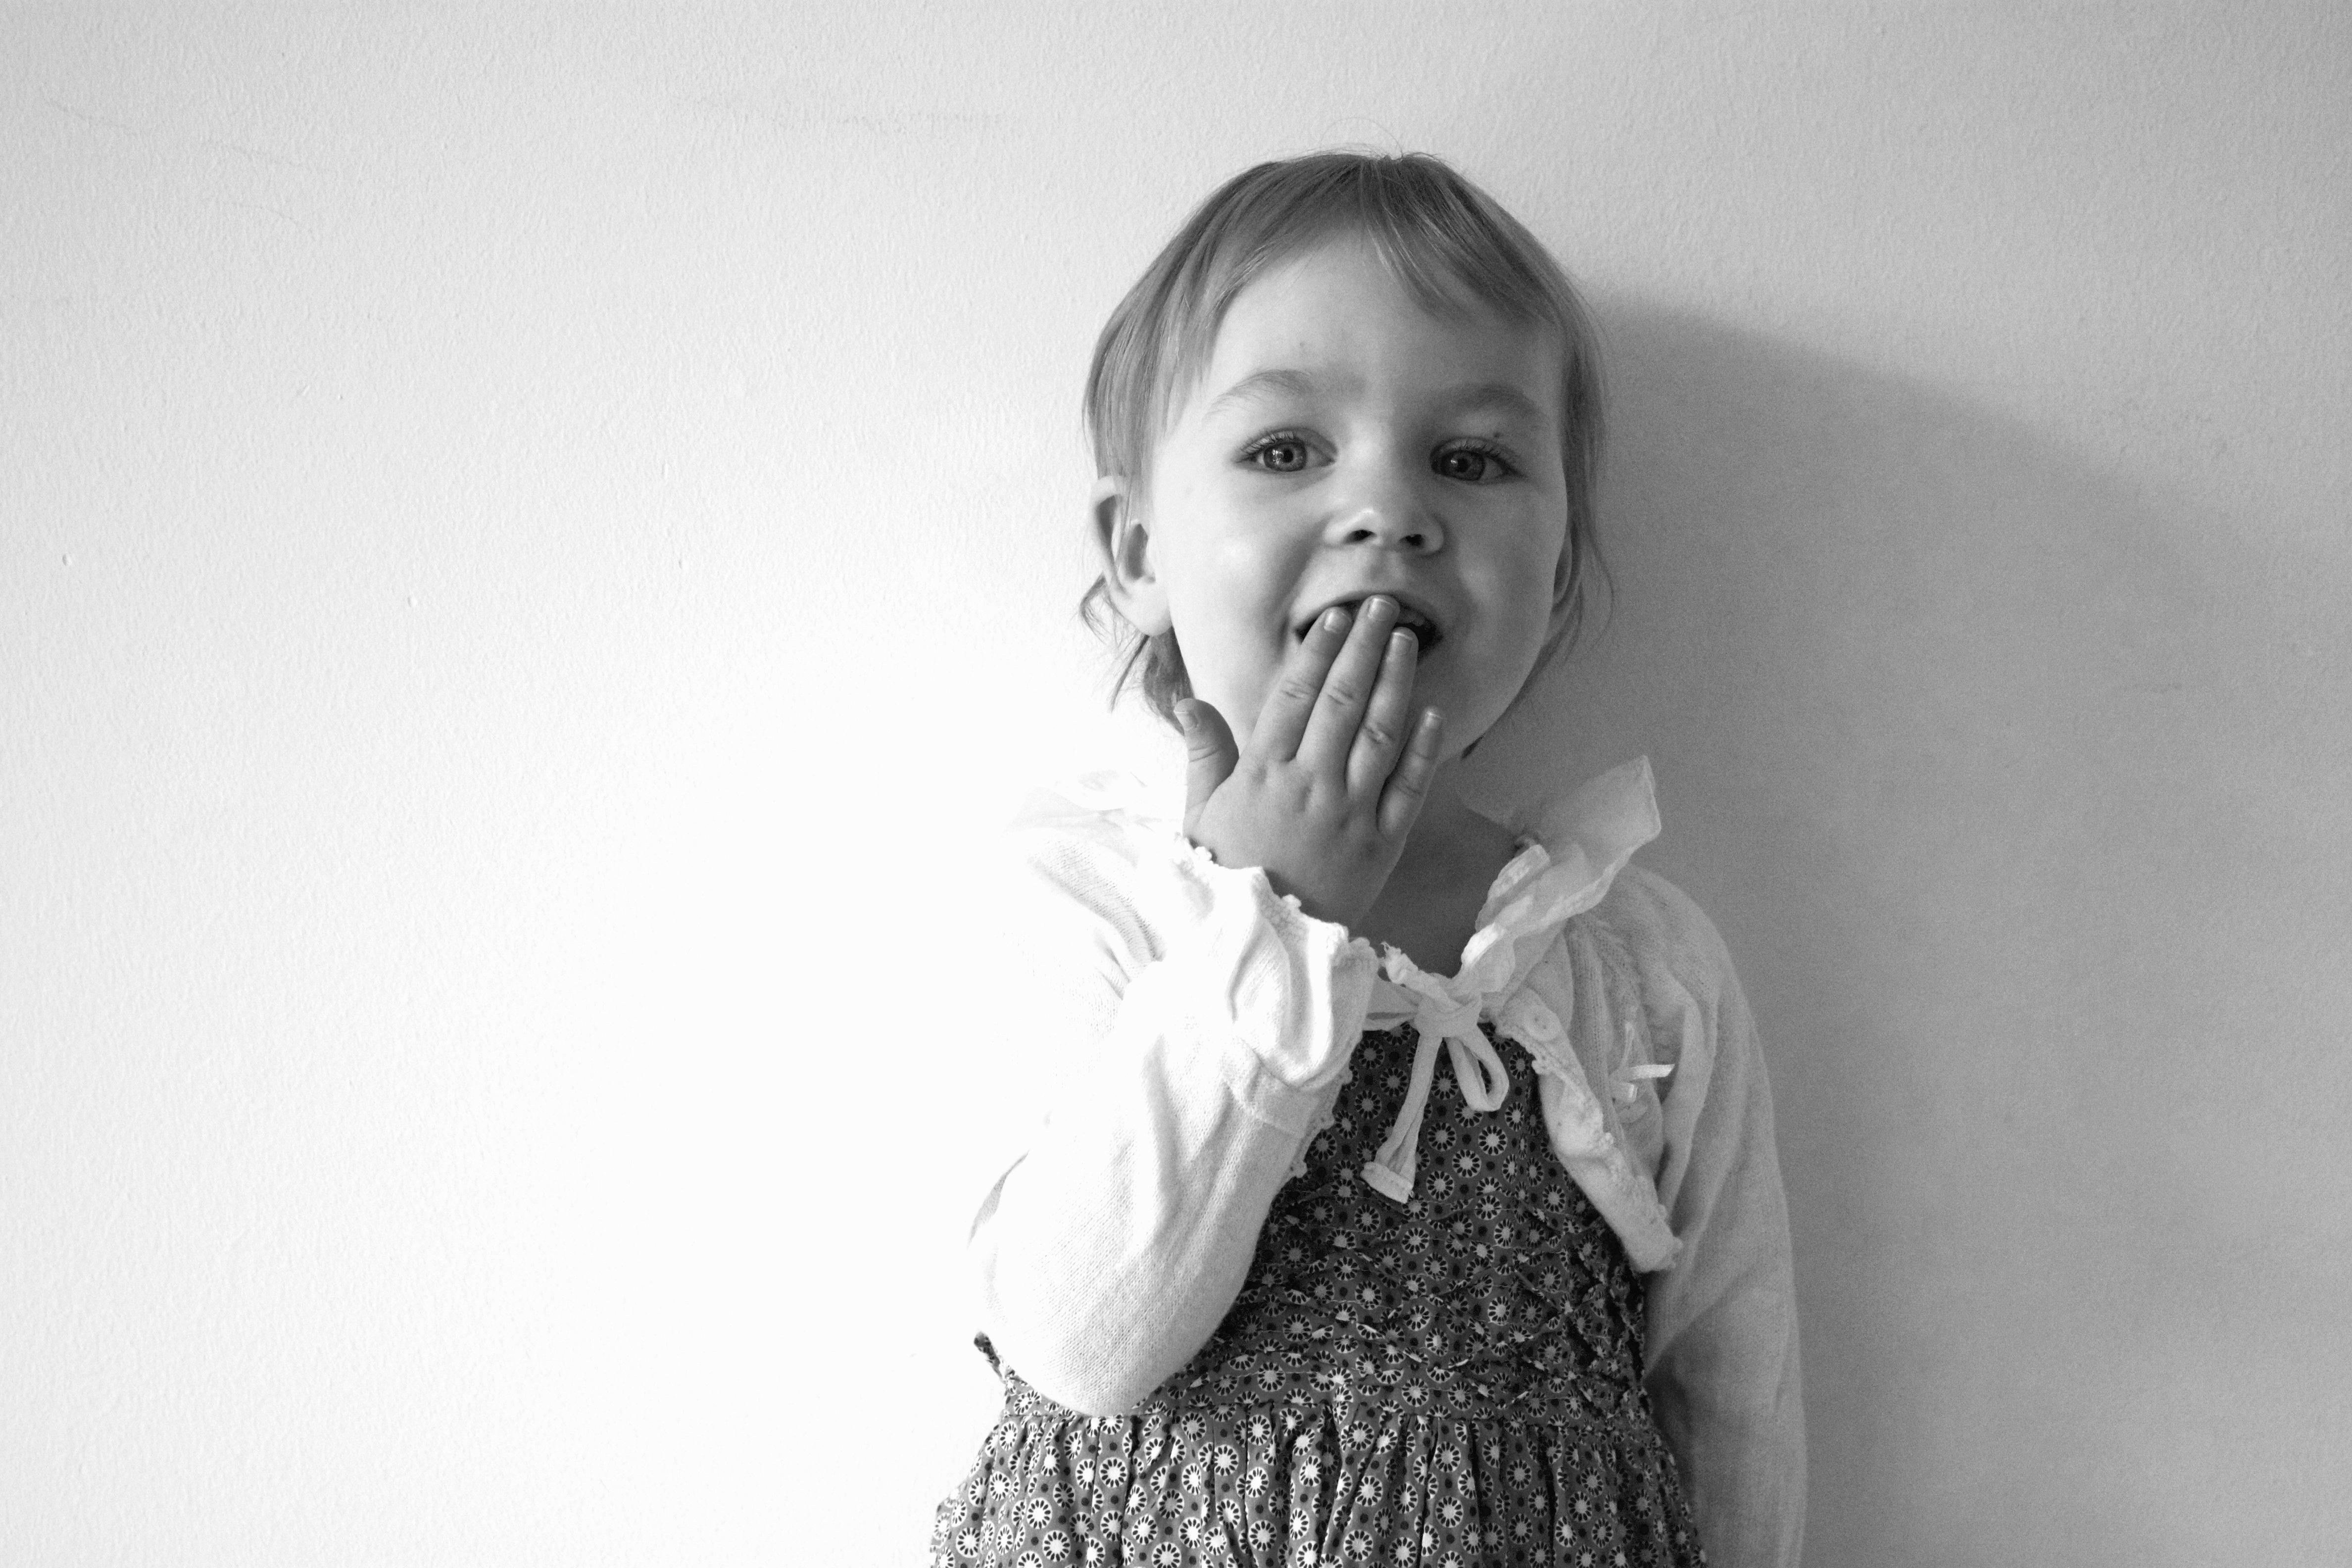 νεαρό μαύρο κορίτσι φωτογραφίες μαμά μεγάλο καβλί